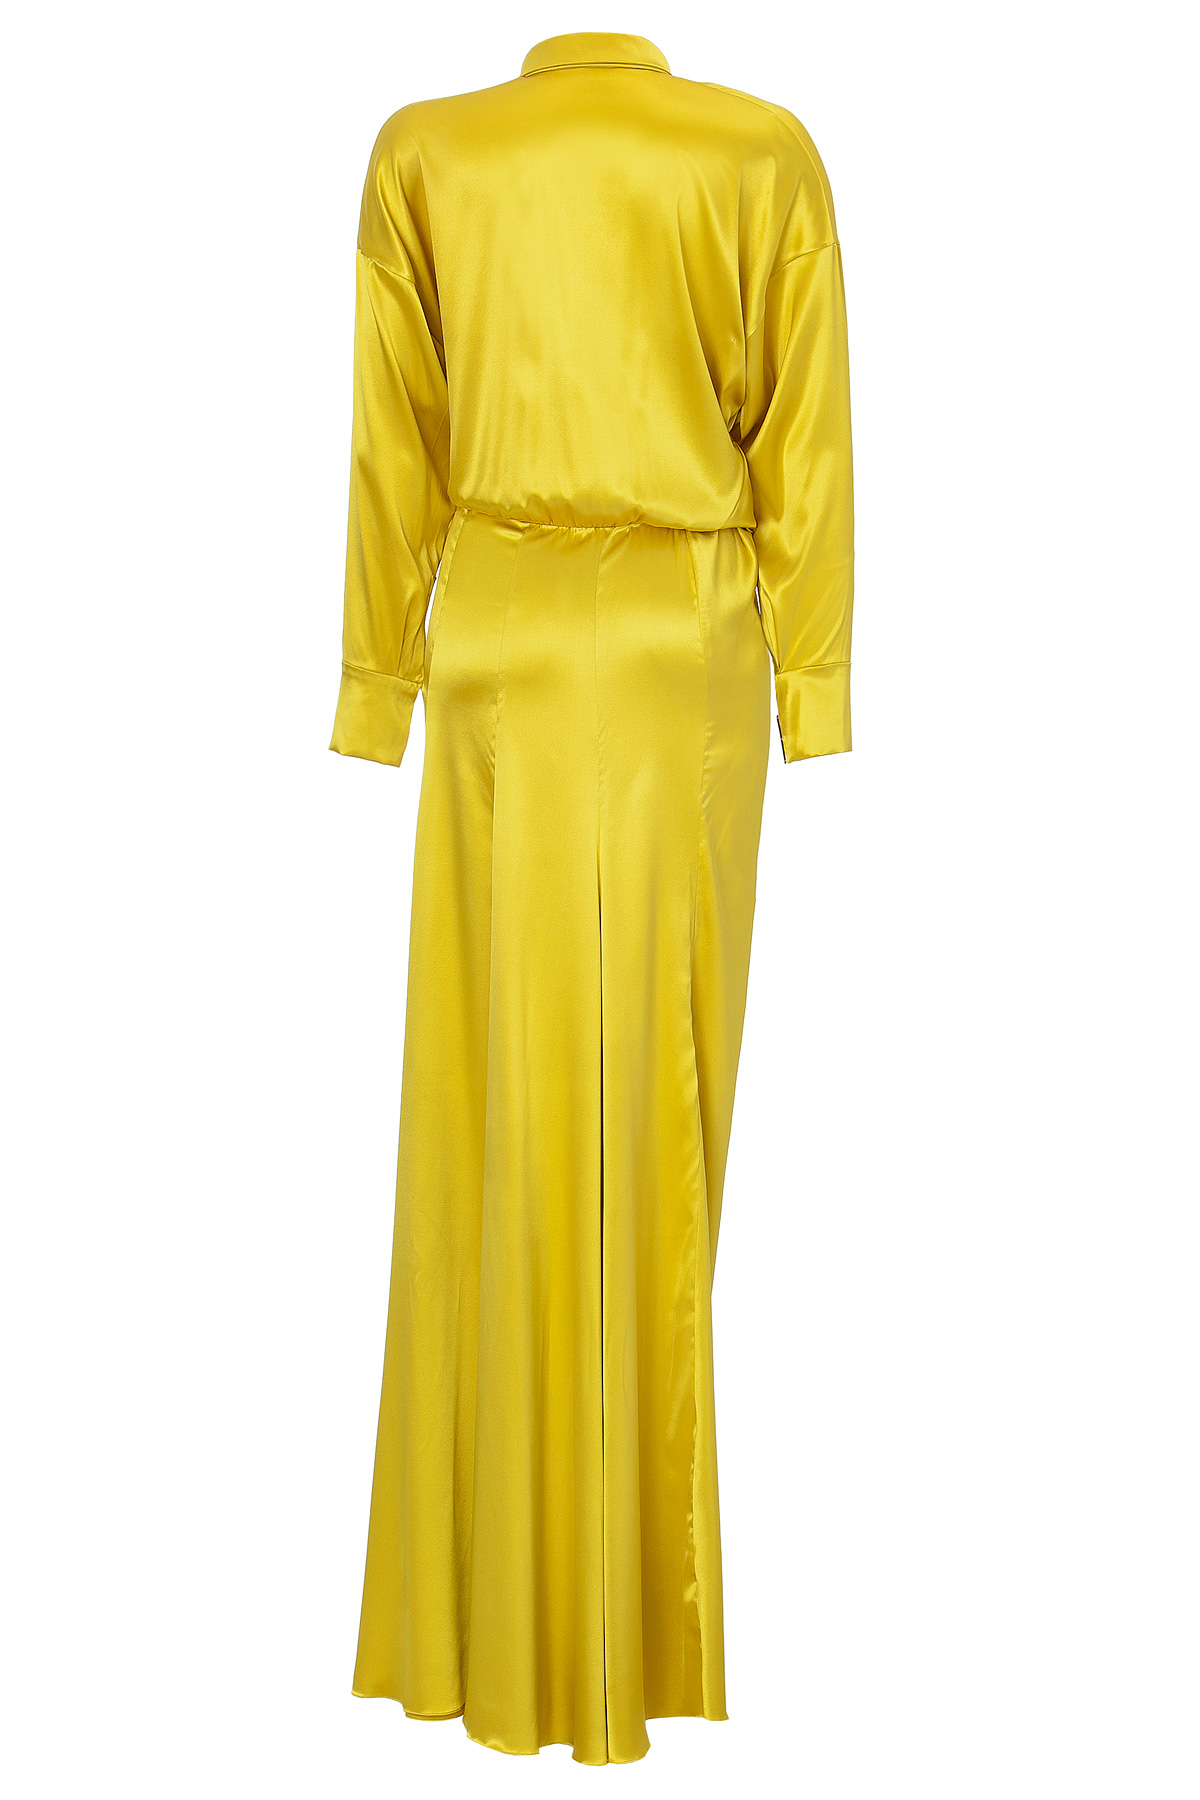 Alexandre vauthier yellow silk dress